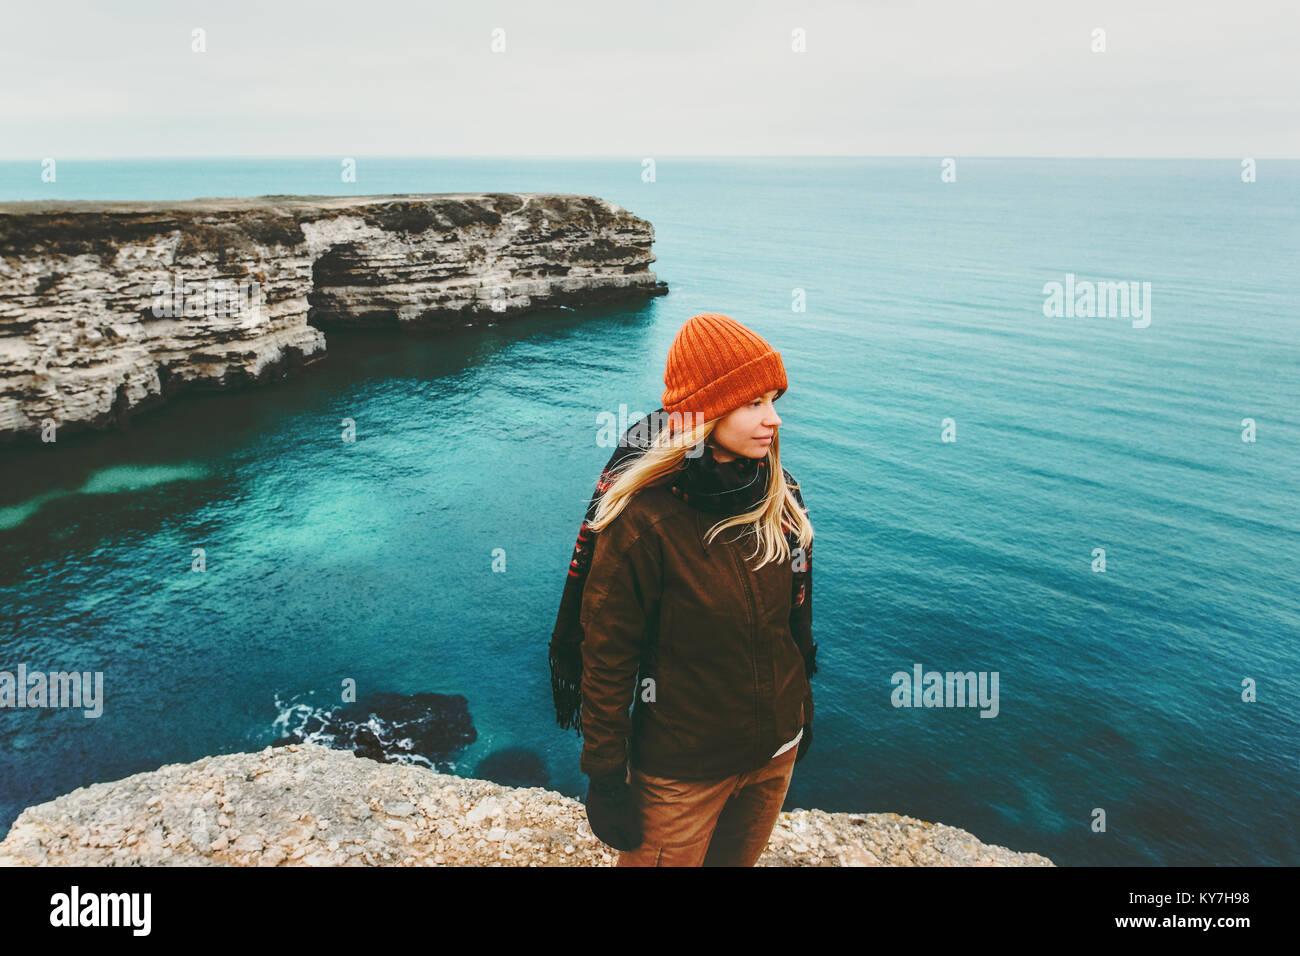 Frau Reisenden zu Fuß über dem Meer Reisen Lifestyle Konzept Abenteuer aktiv Urlaub im Einklang mit der Stockbild